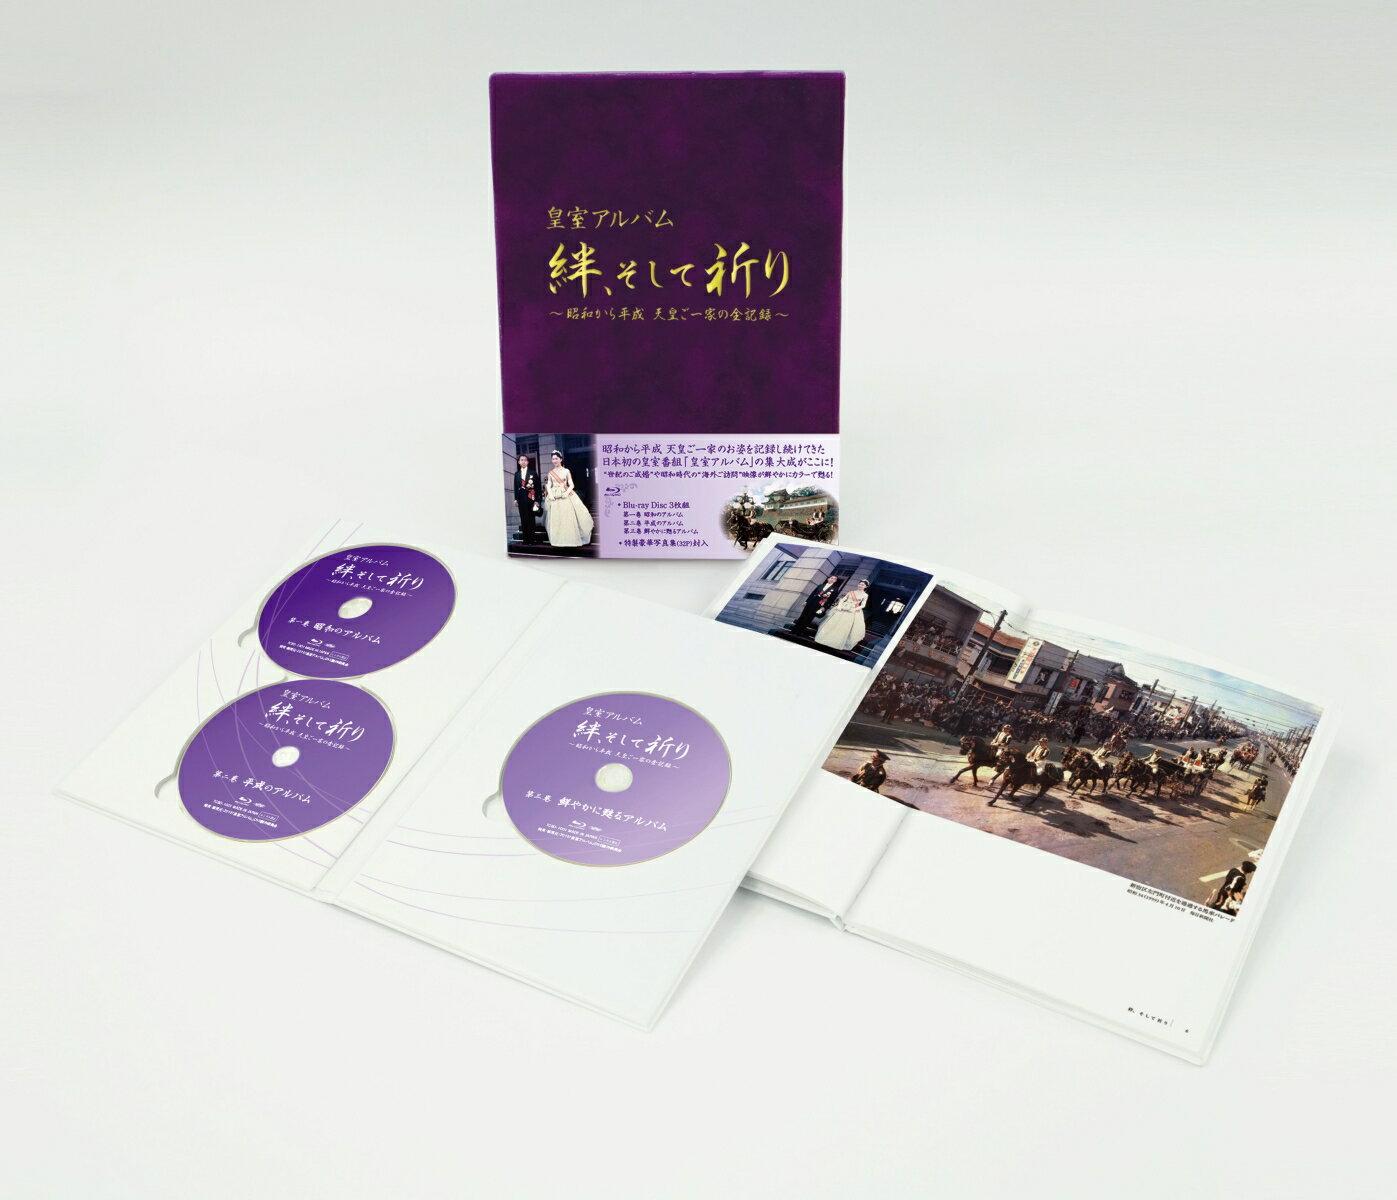 皇室アルバム 絆、そして祈り〜昭和から平成 天皇ご一家の全記録〜【Blu-ray】